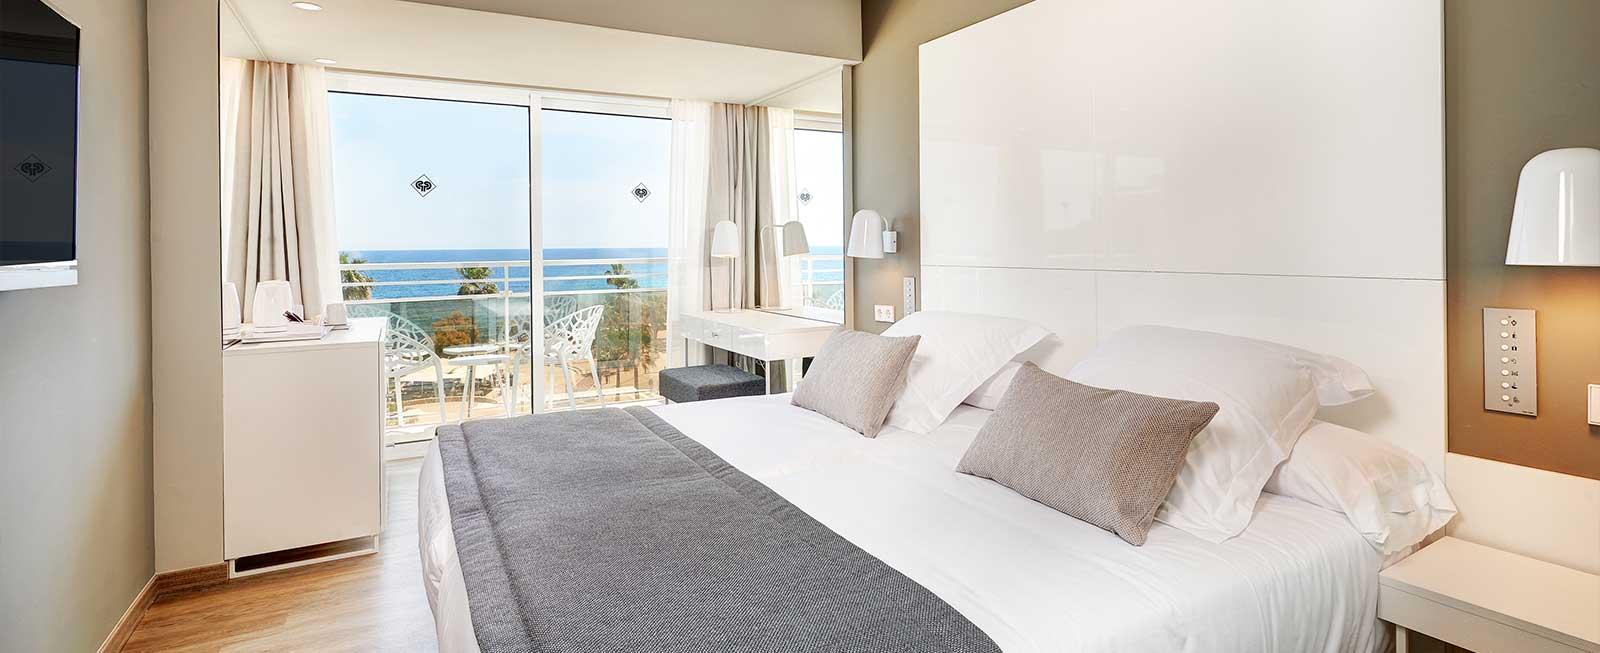 habitacion-doble-twin-protur-bonamar-hotel-4-estrellas